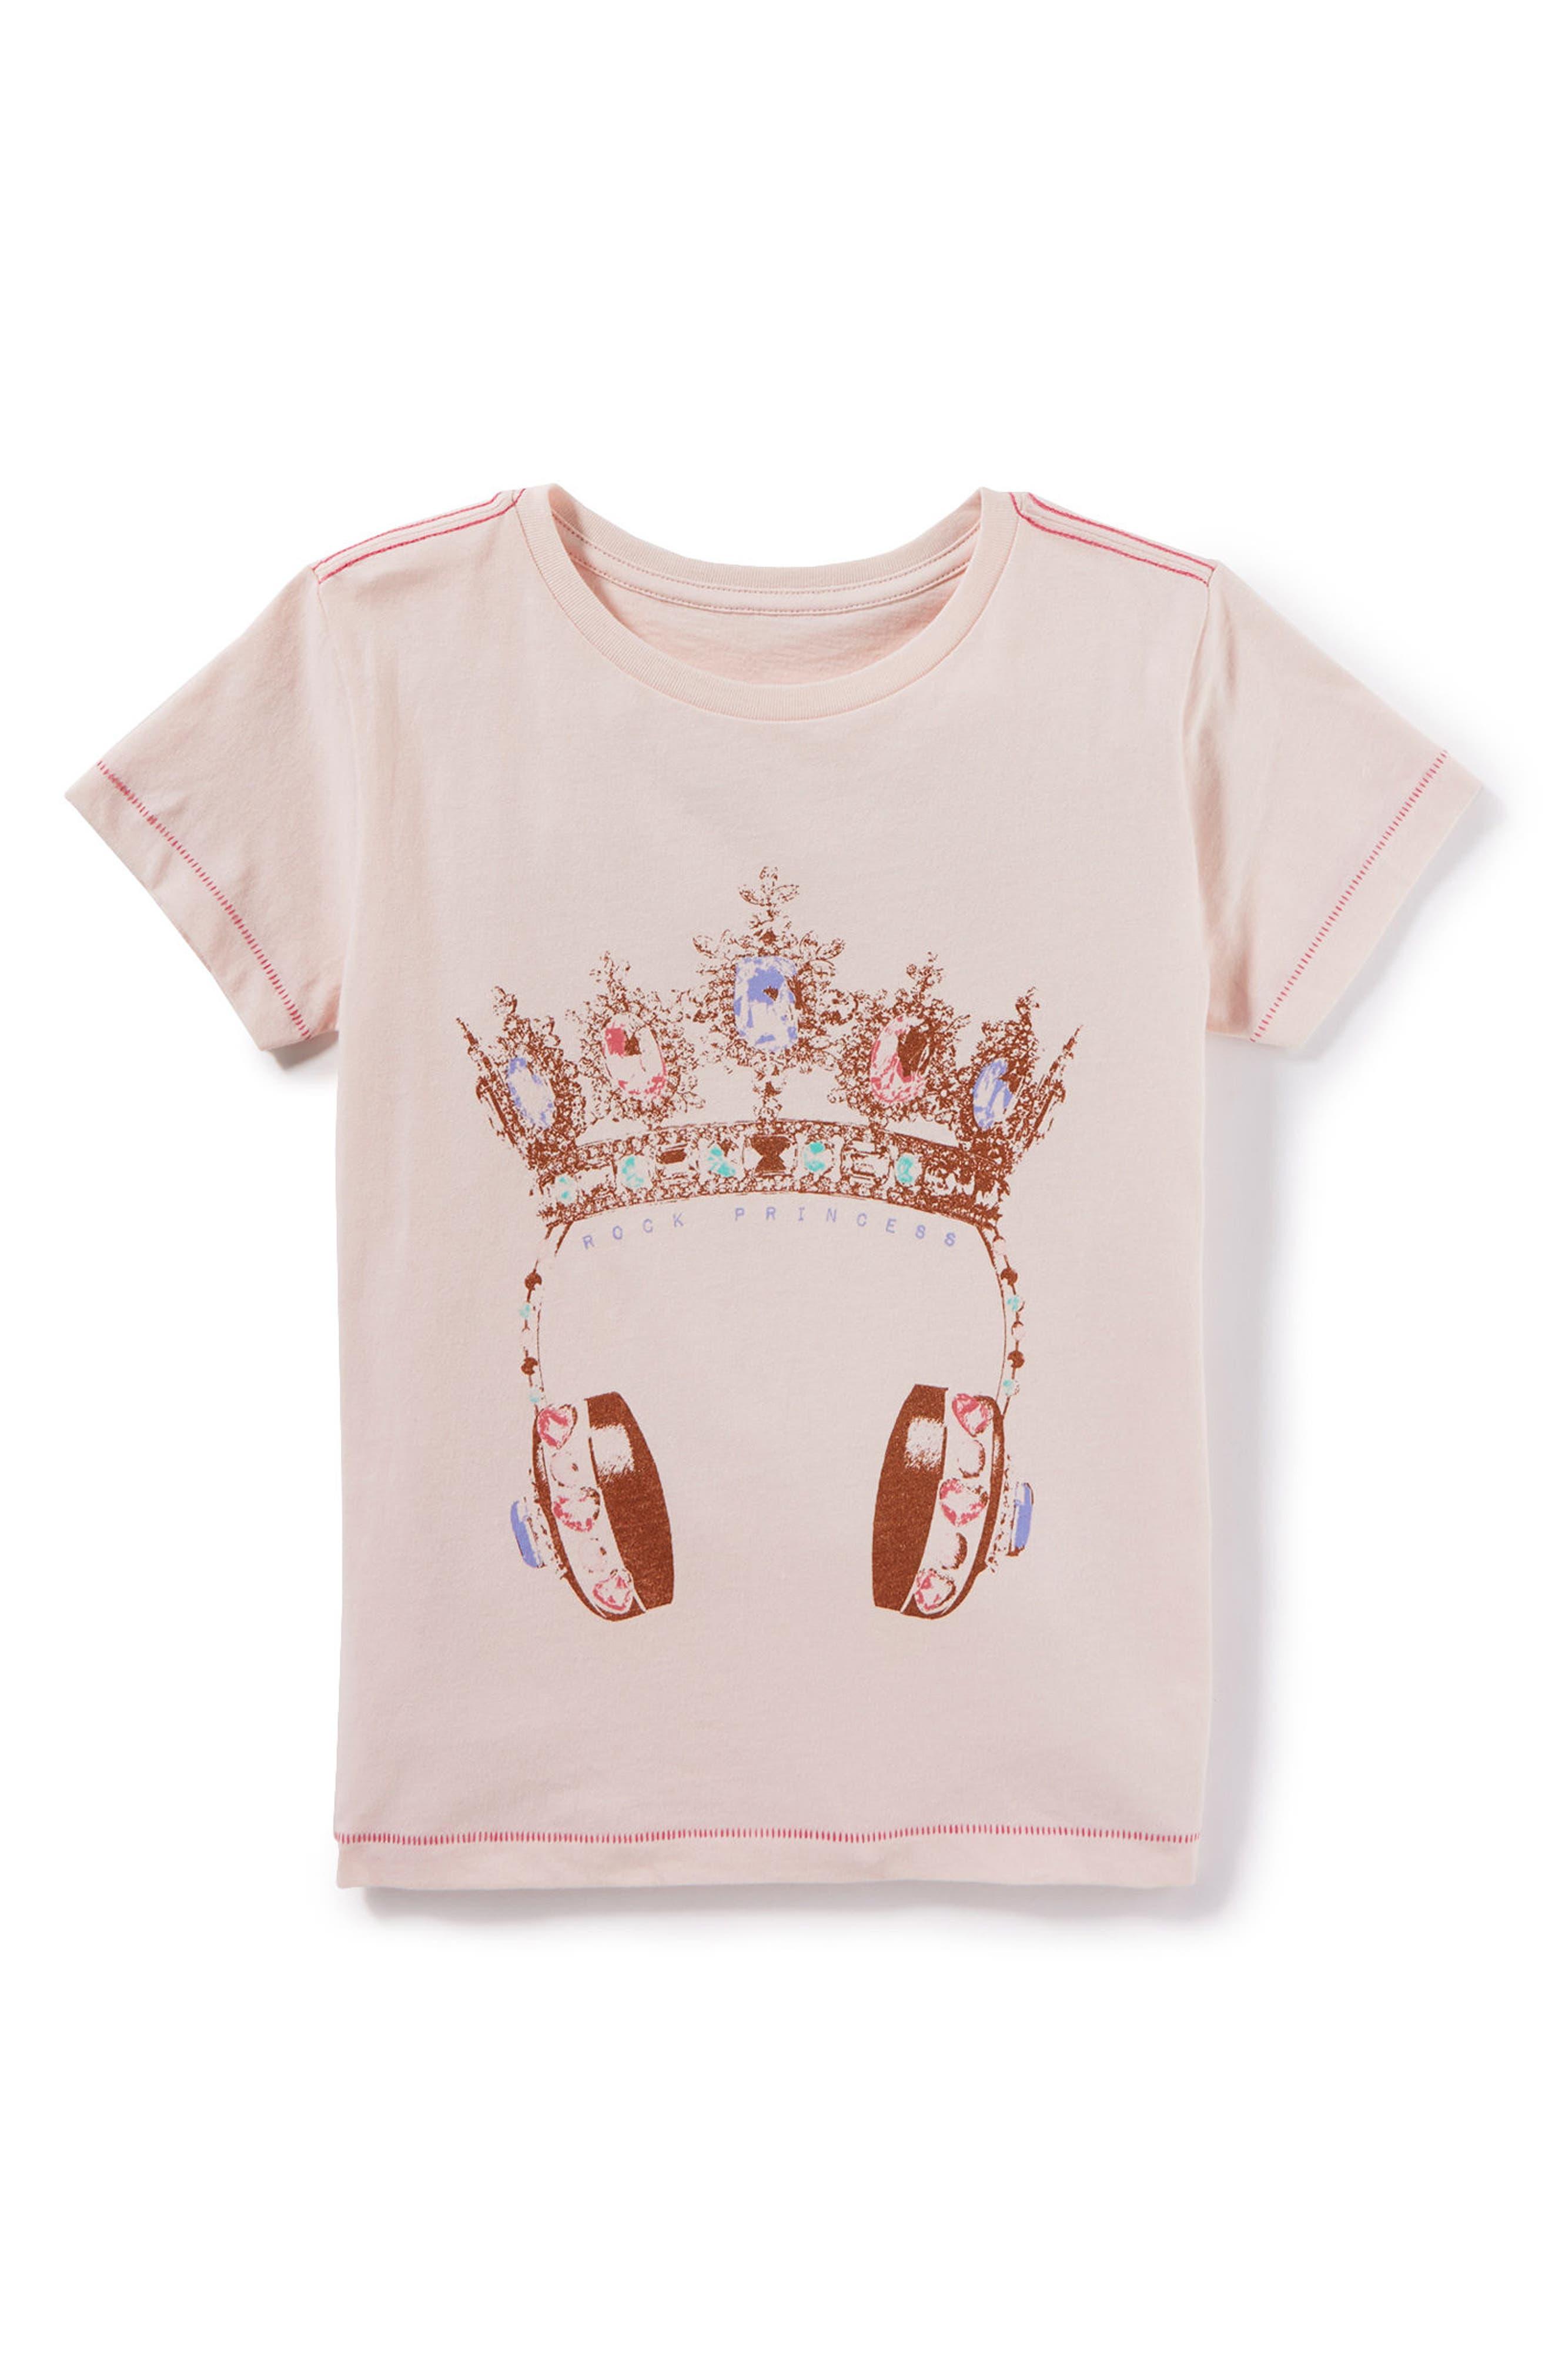 Peek Rock Princess Graphic Tee (Toddler Girls, Little Girls & Big Girls)